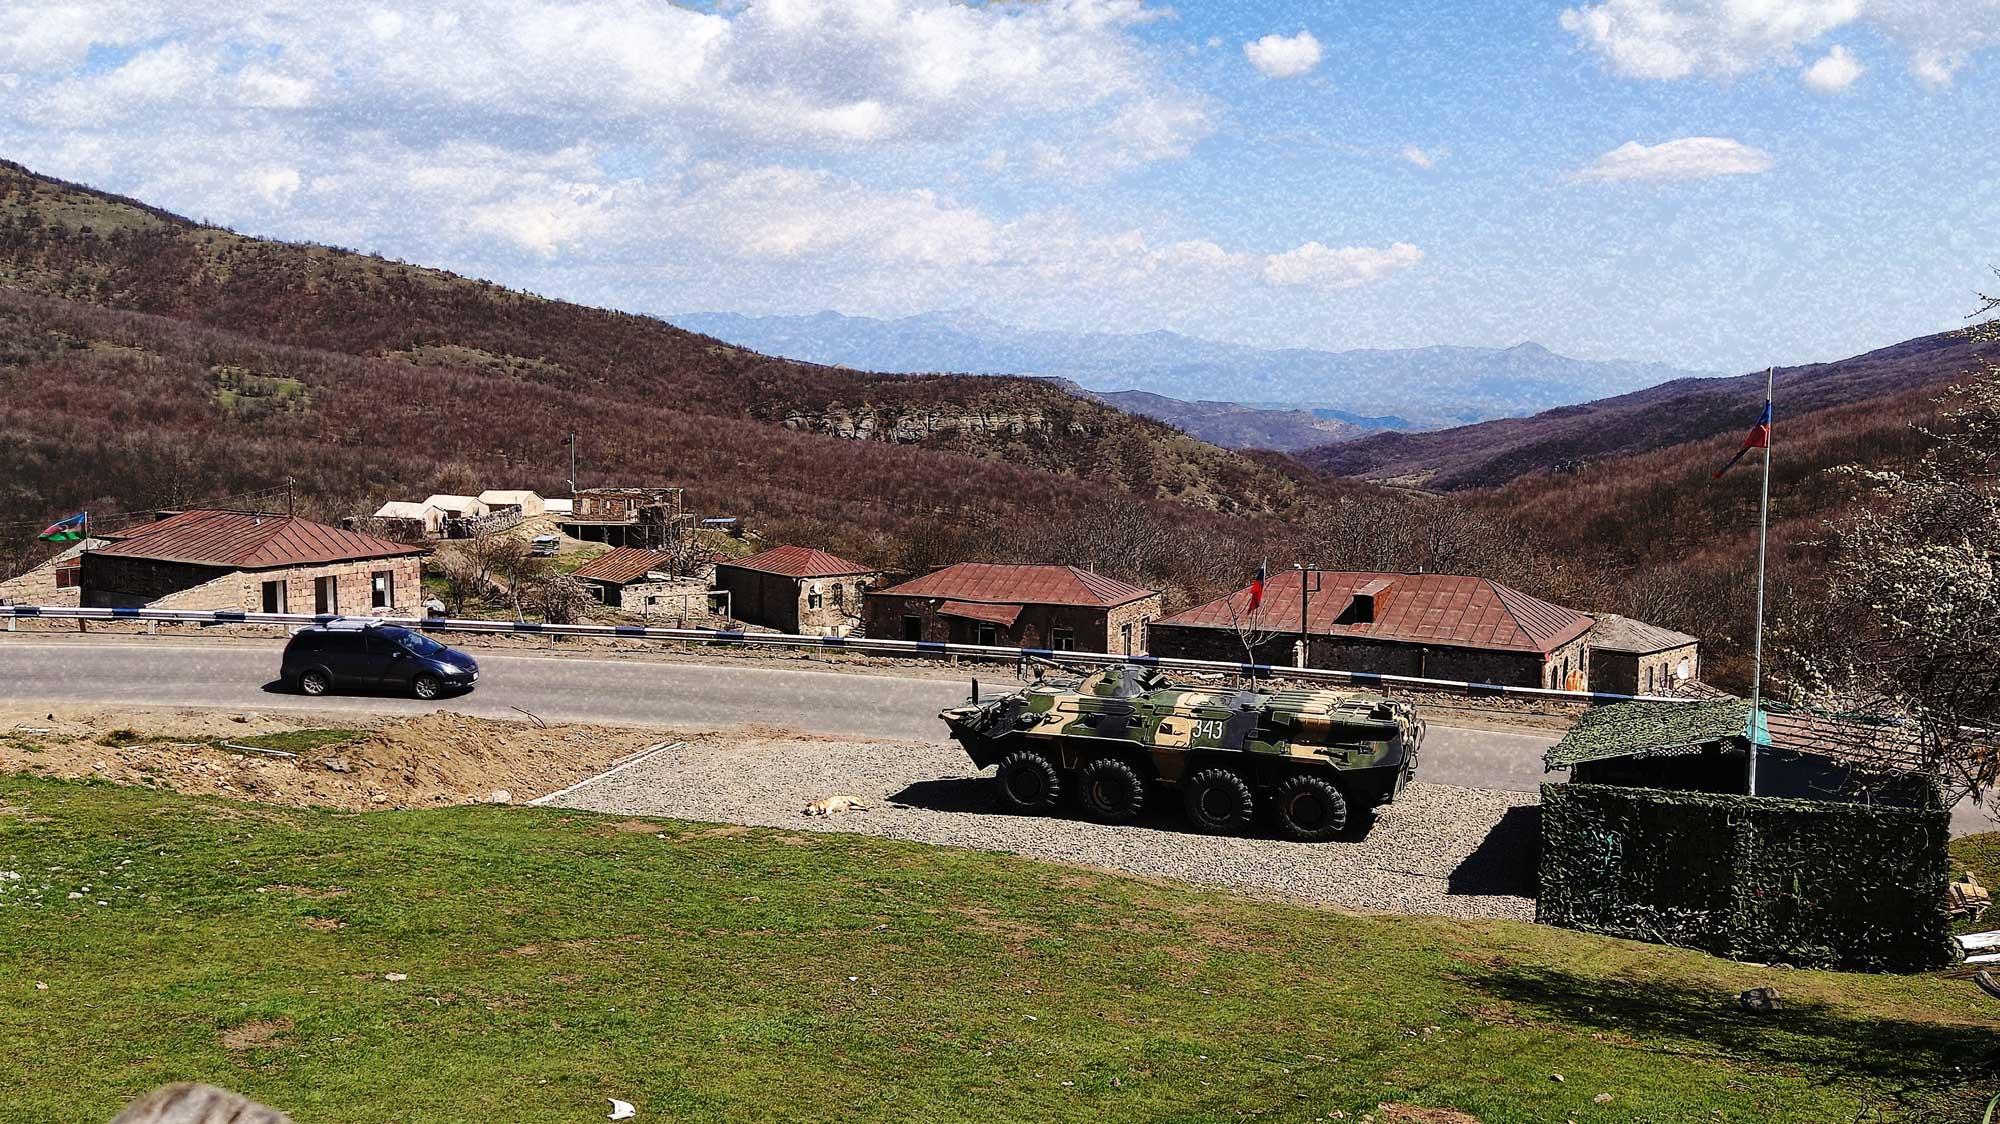 nagornyi karabax reportage 07 - <b>Новая старая граница:</b> почему армянские села оказались на территории Азербайджана - Заборона